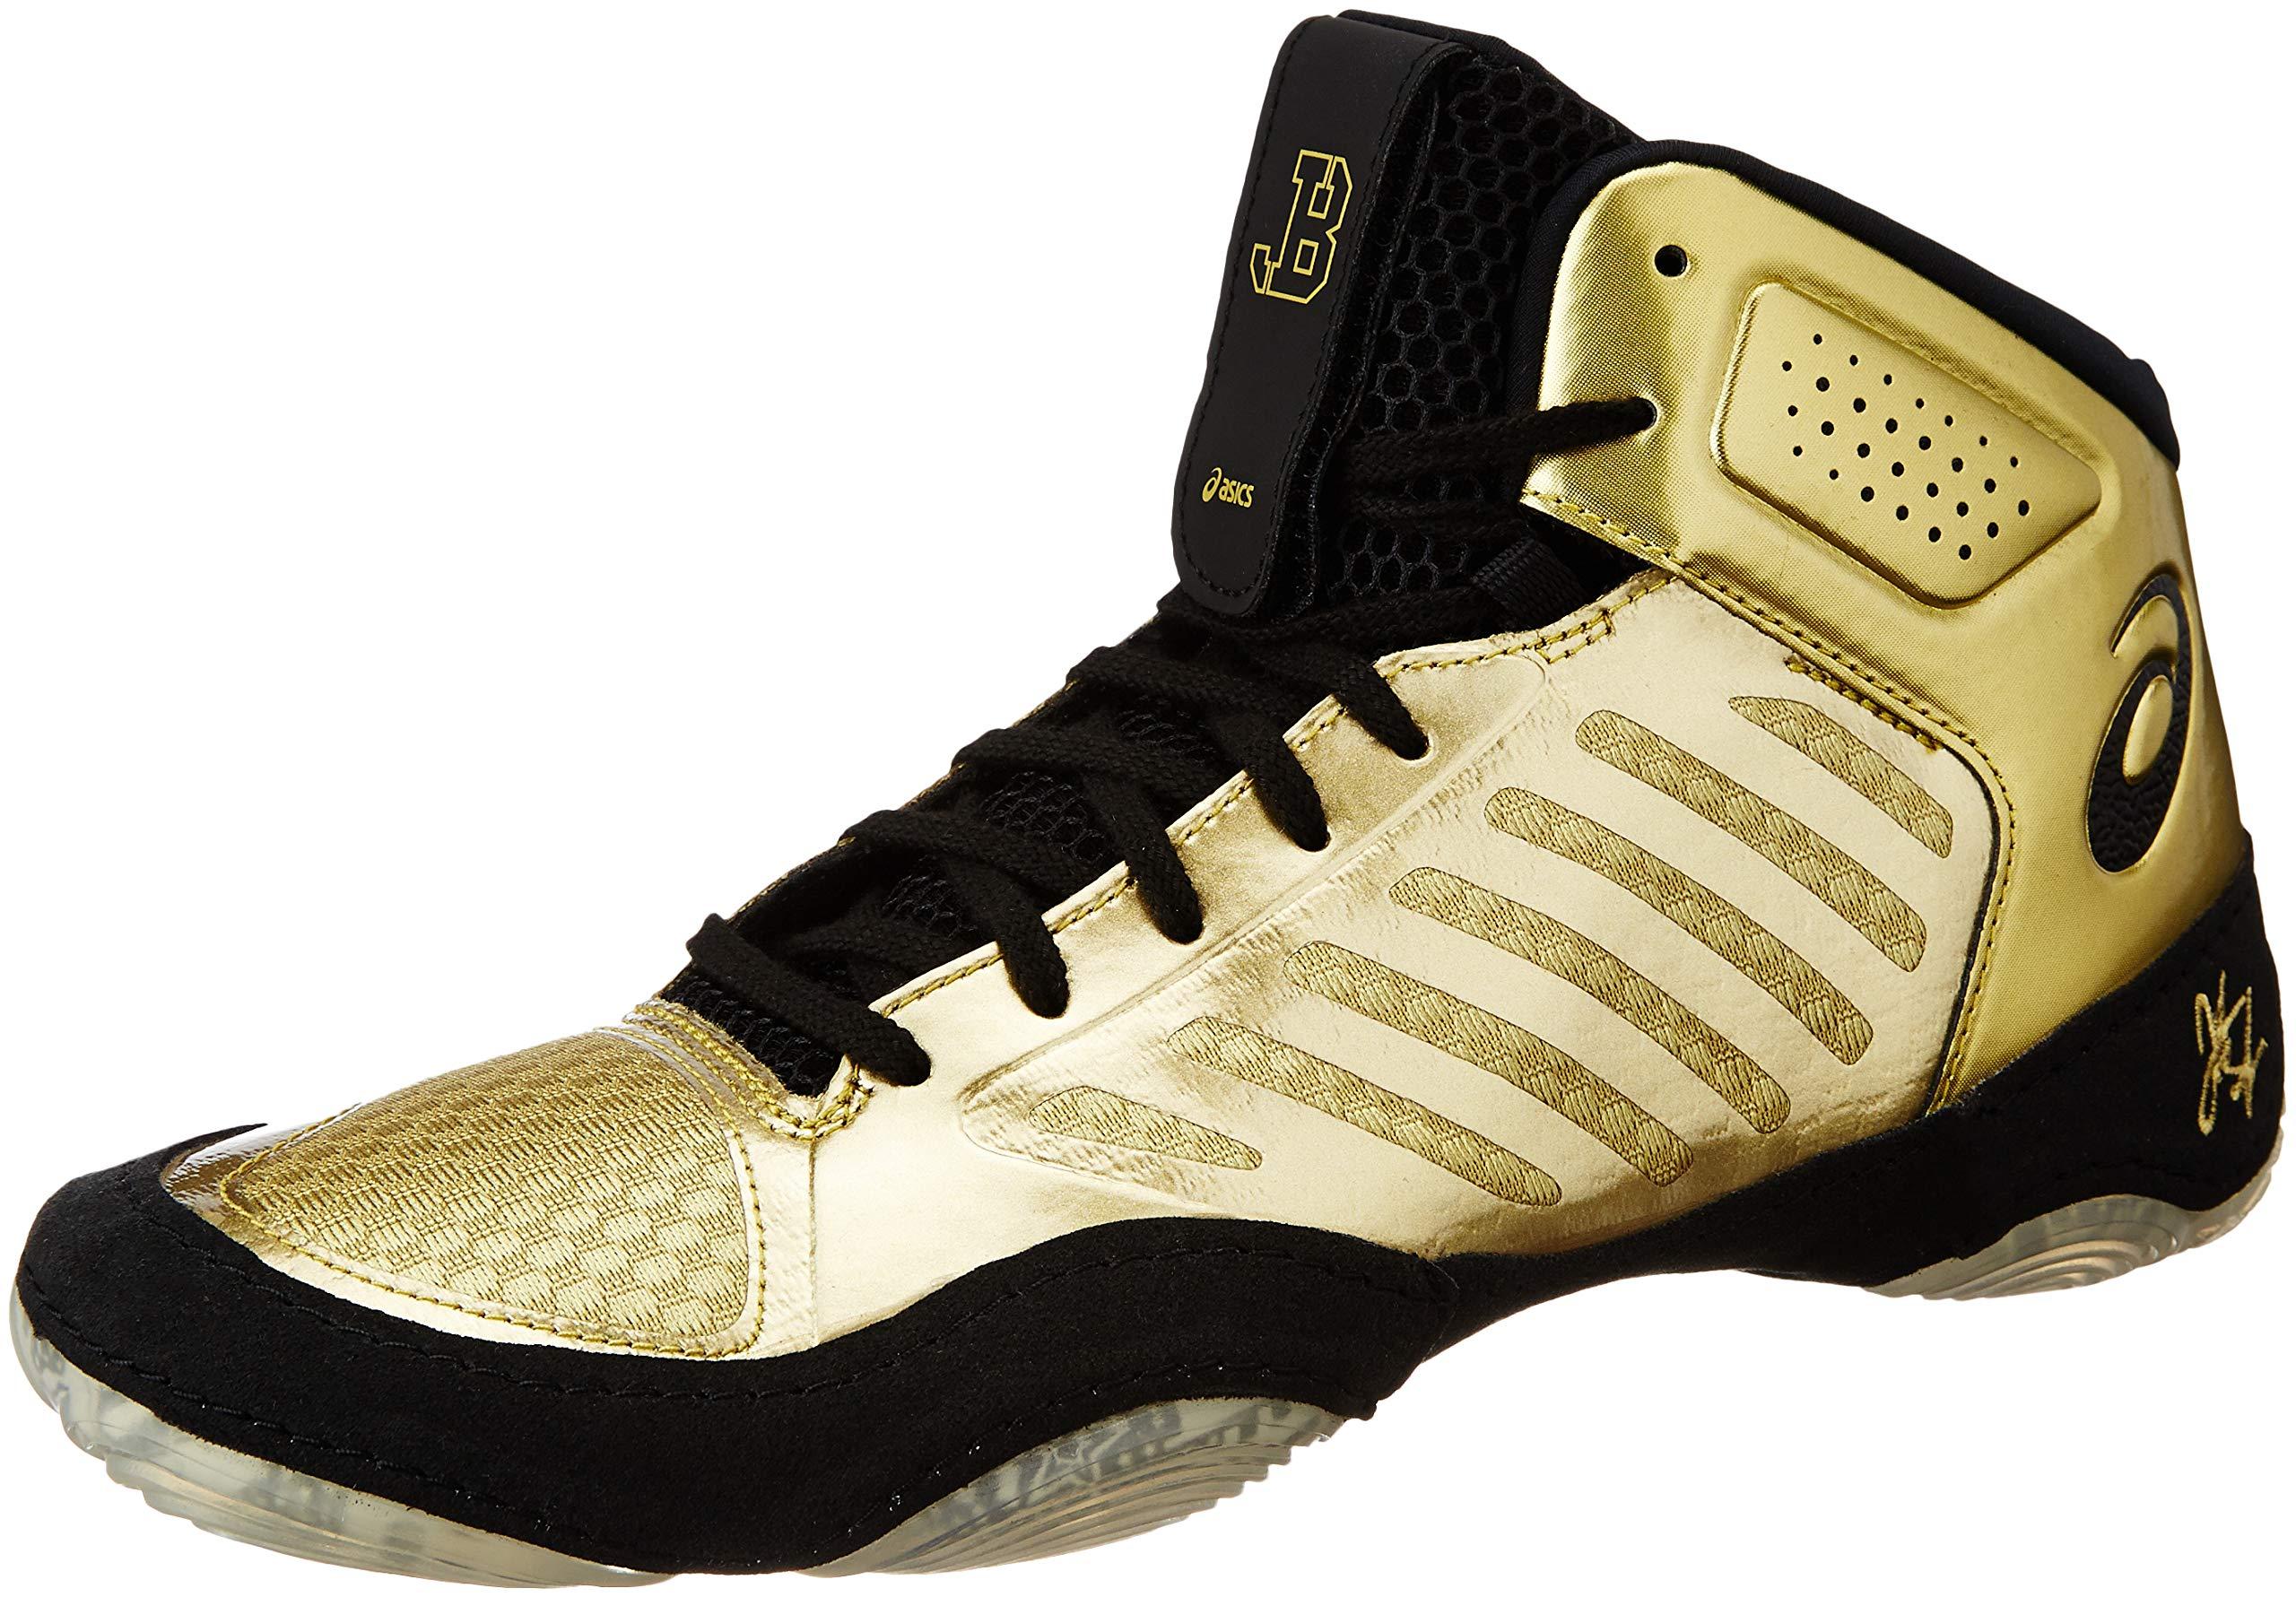 Anestésico Desear Agricultura  ASICS Men's Wrestling Shoes- Buy Online in Bahamas at Desertcart